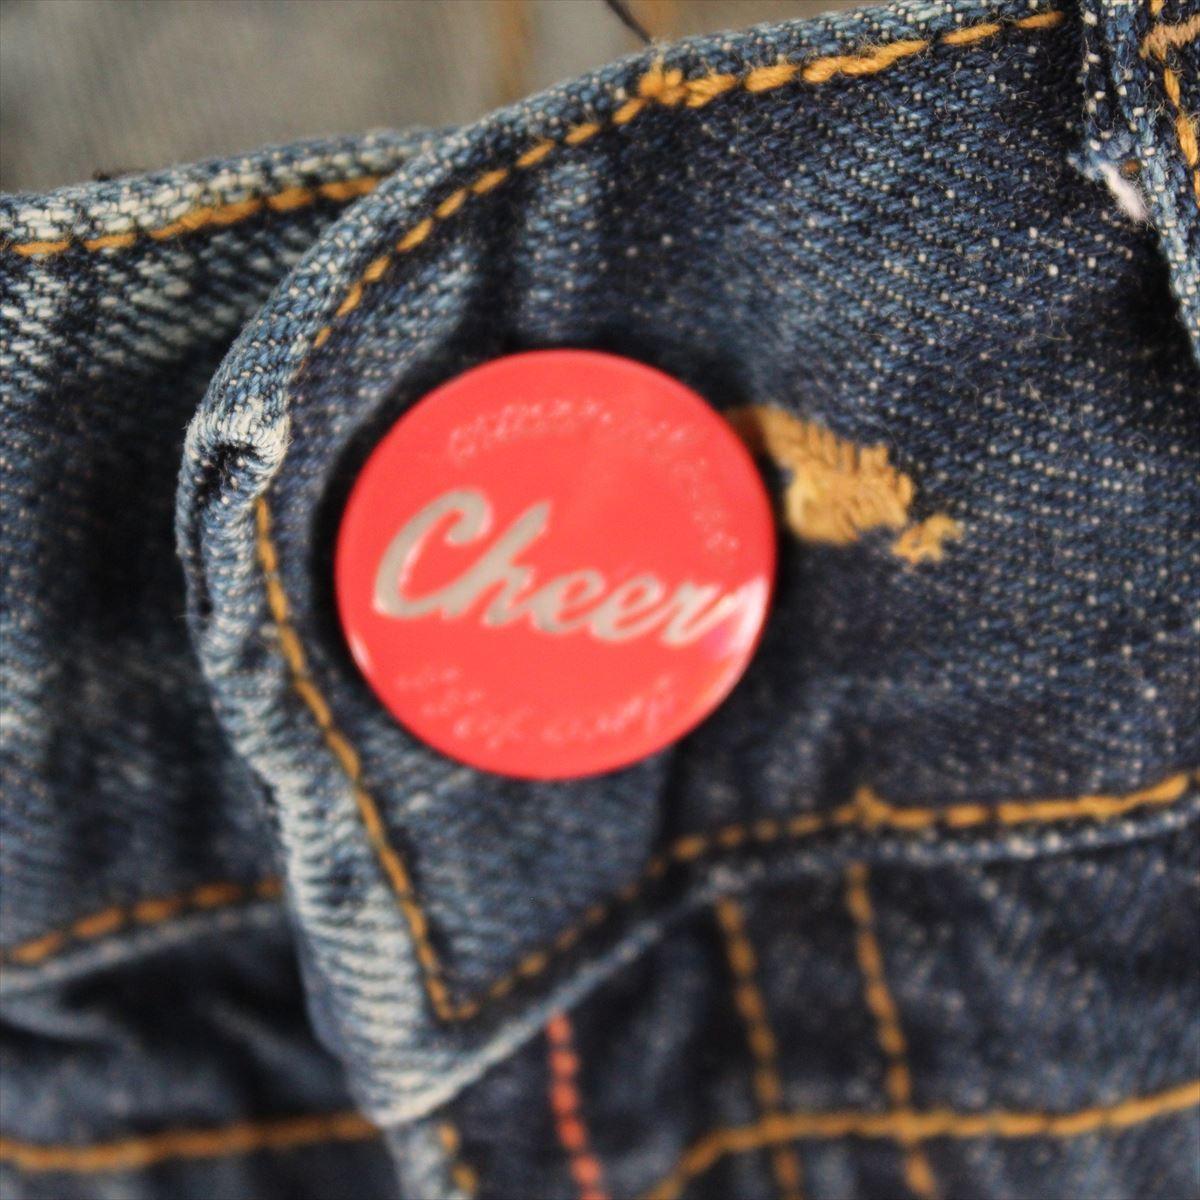 クロスカラーズ CROSS COLOURS CHEER レディースデニムパンツ ジーンズ 26インチ 新品 CL0620068_cheer 赤ボタン